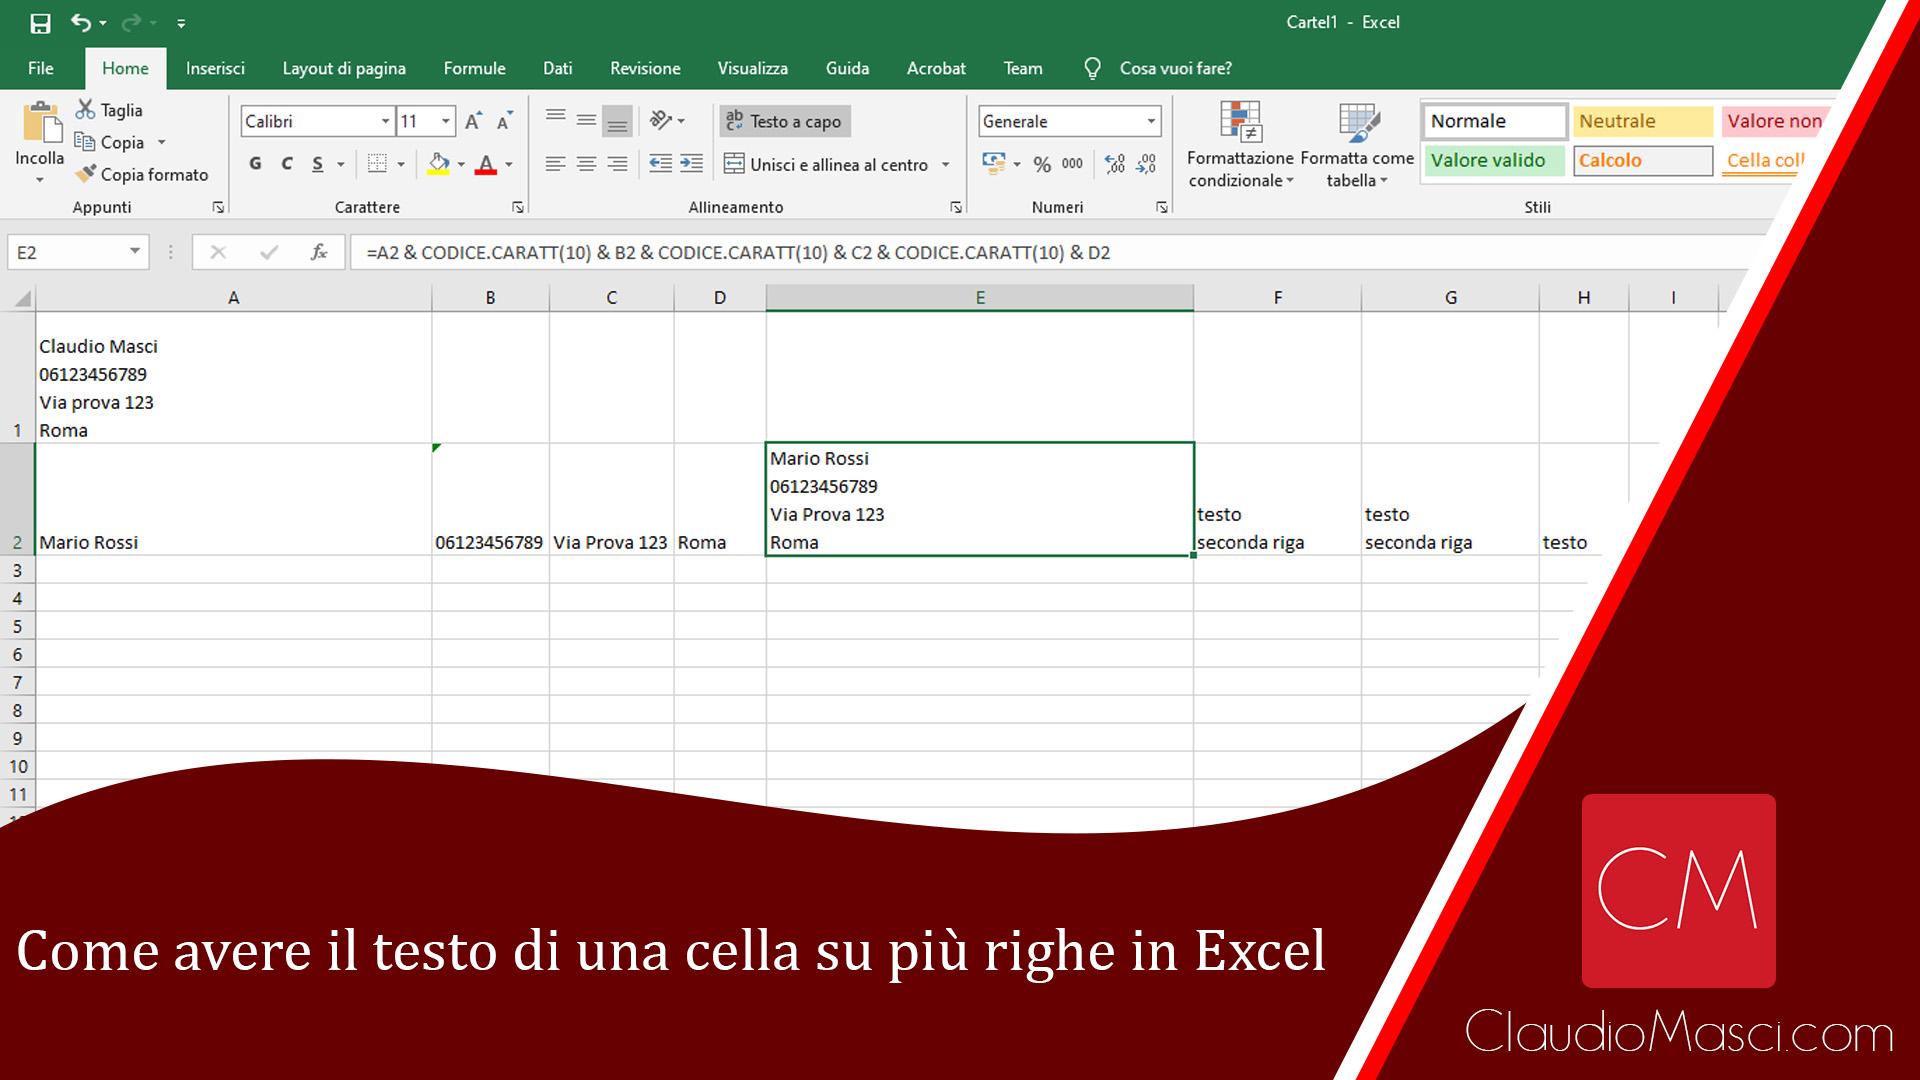 Come avere il testo di una cella su più righe in Excel